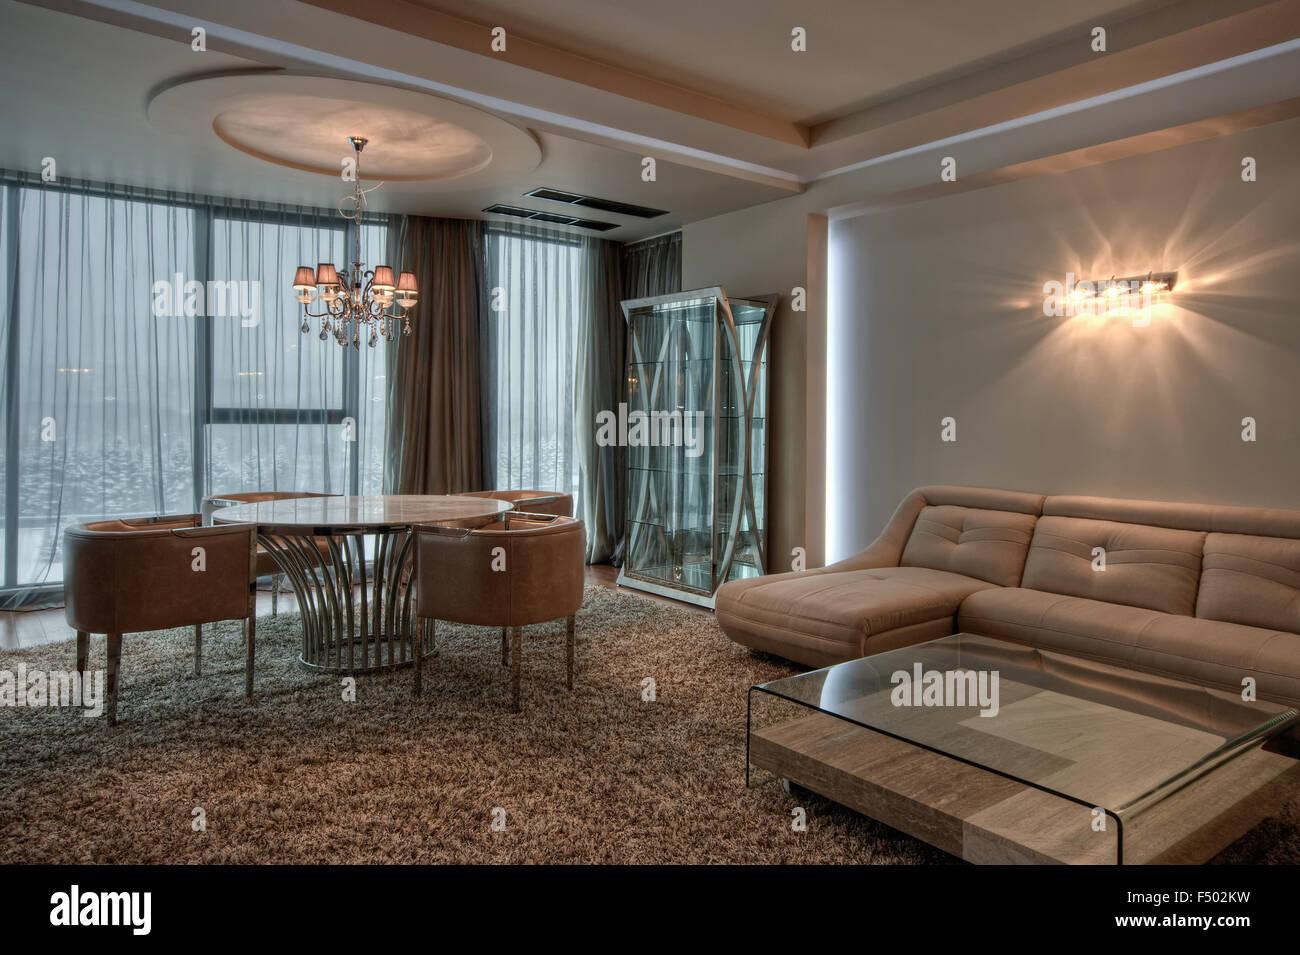 Elegante e moderno interni accoglienti. Decorazione ambiente. Design contemporaneo e minimalista. Immagini Stock